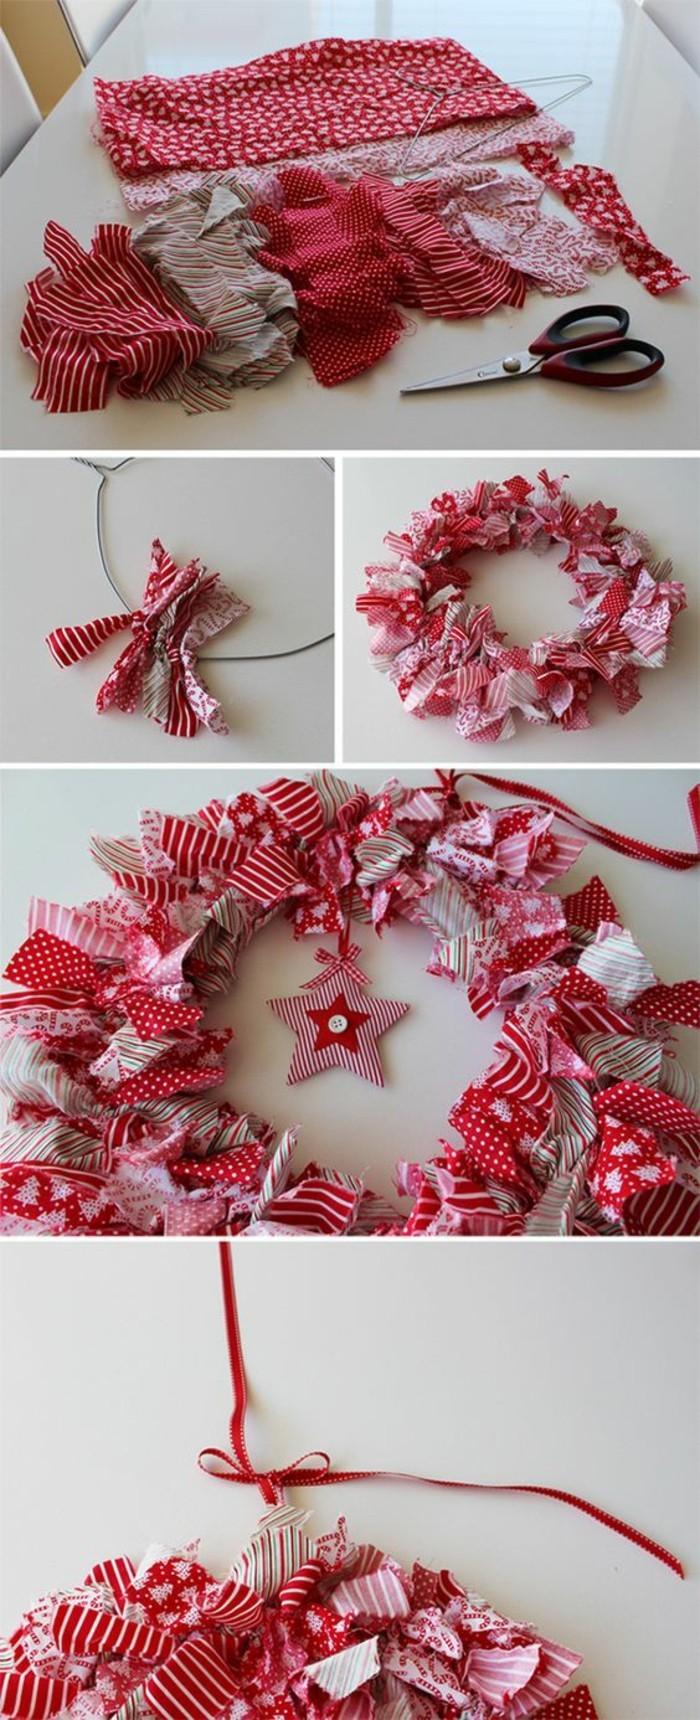 tuerkraenze-weihnachten-aus-stoff-in-weiss-und-rot-schere-stern-schleife